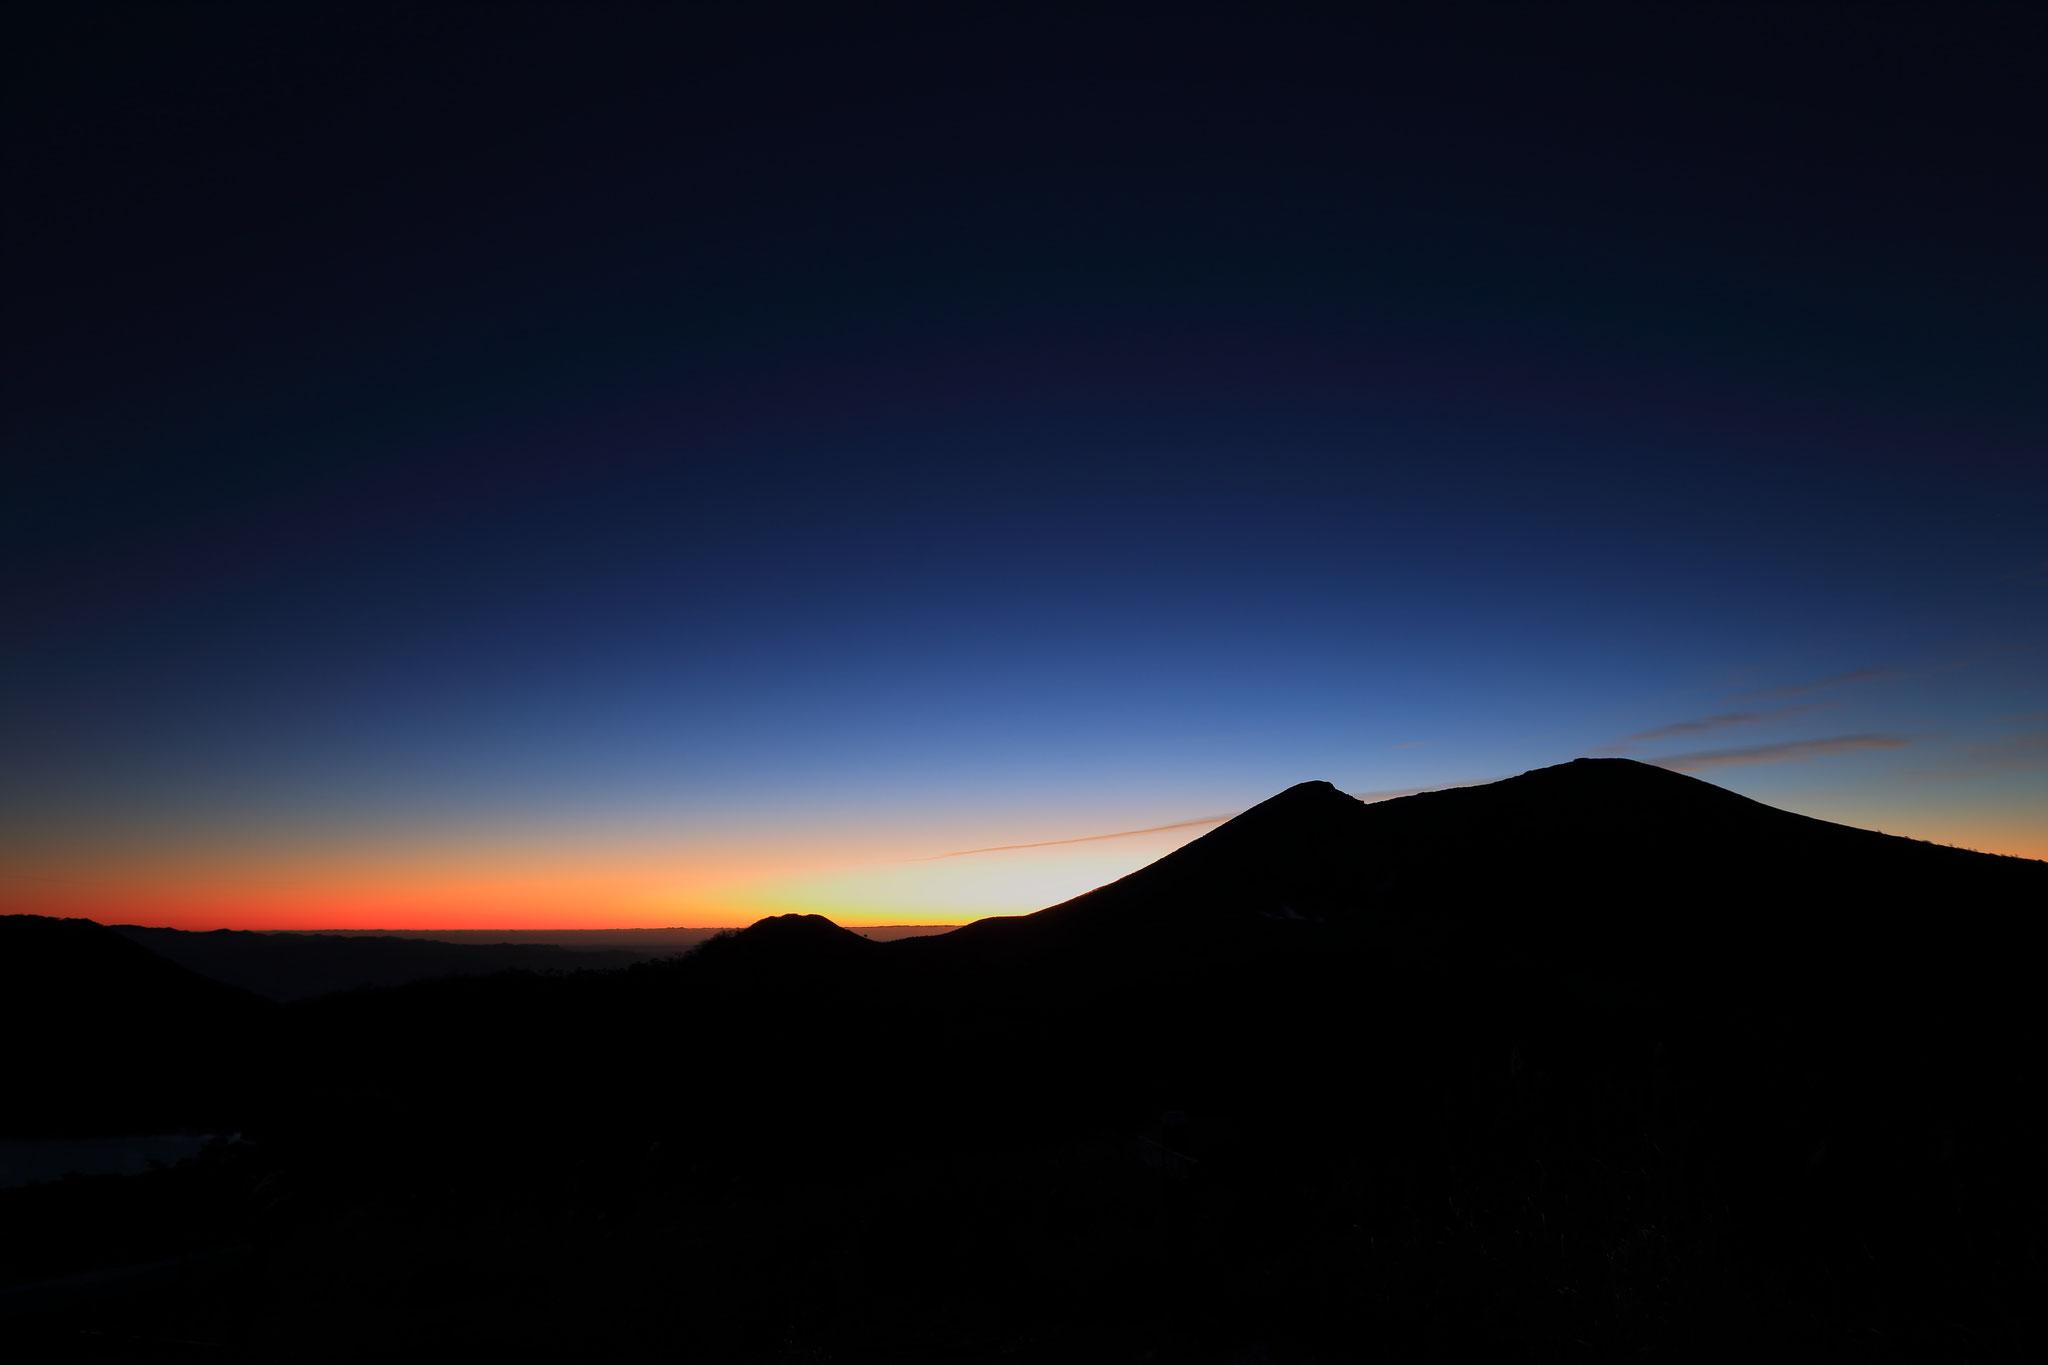 神秘的な朝の始まり(えびの高原白鳥山から韓国岳を撮影)